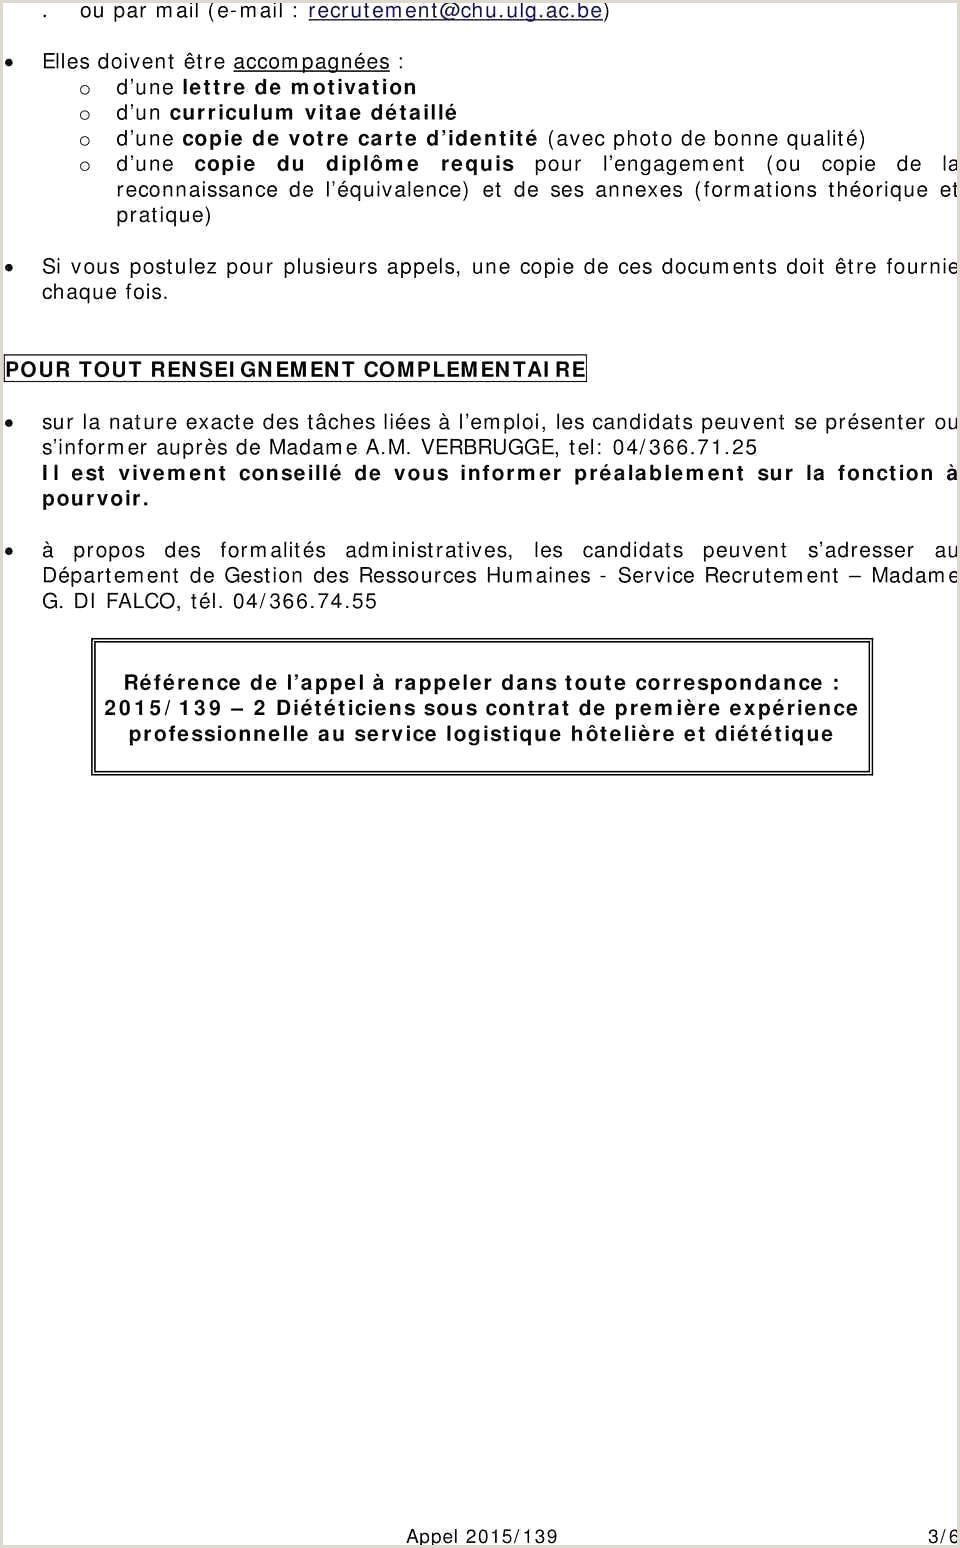 Exemple De Cv Ivoirien Cv Pour Travailler De Base Envoyer Cv Et Lettre De